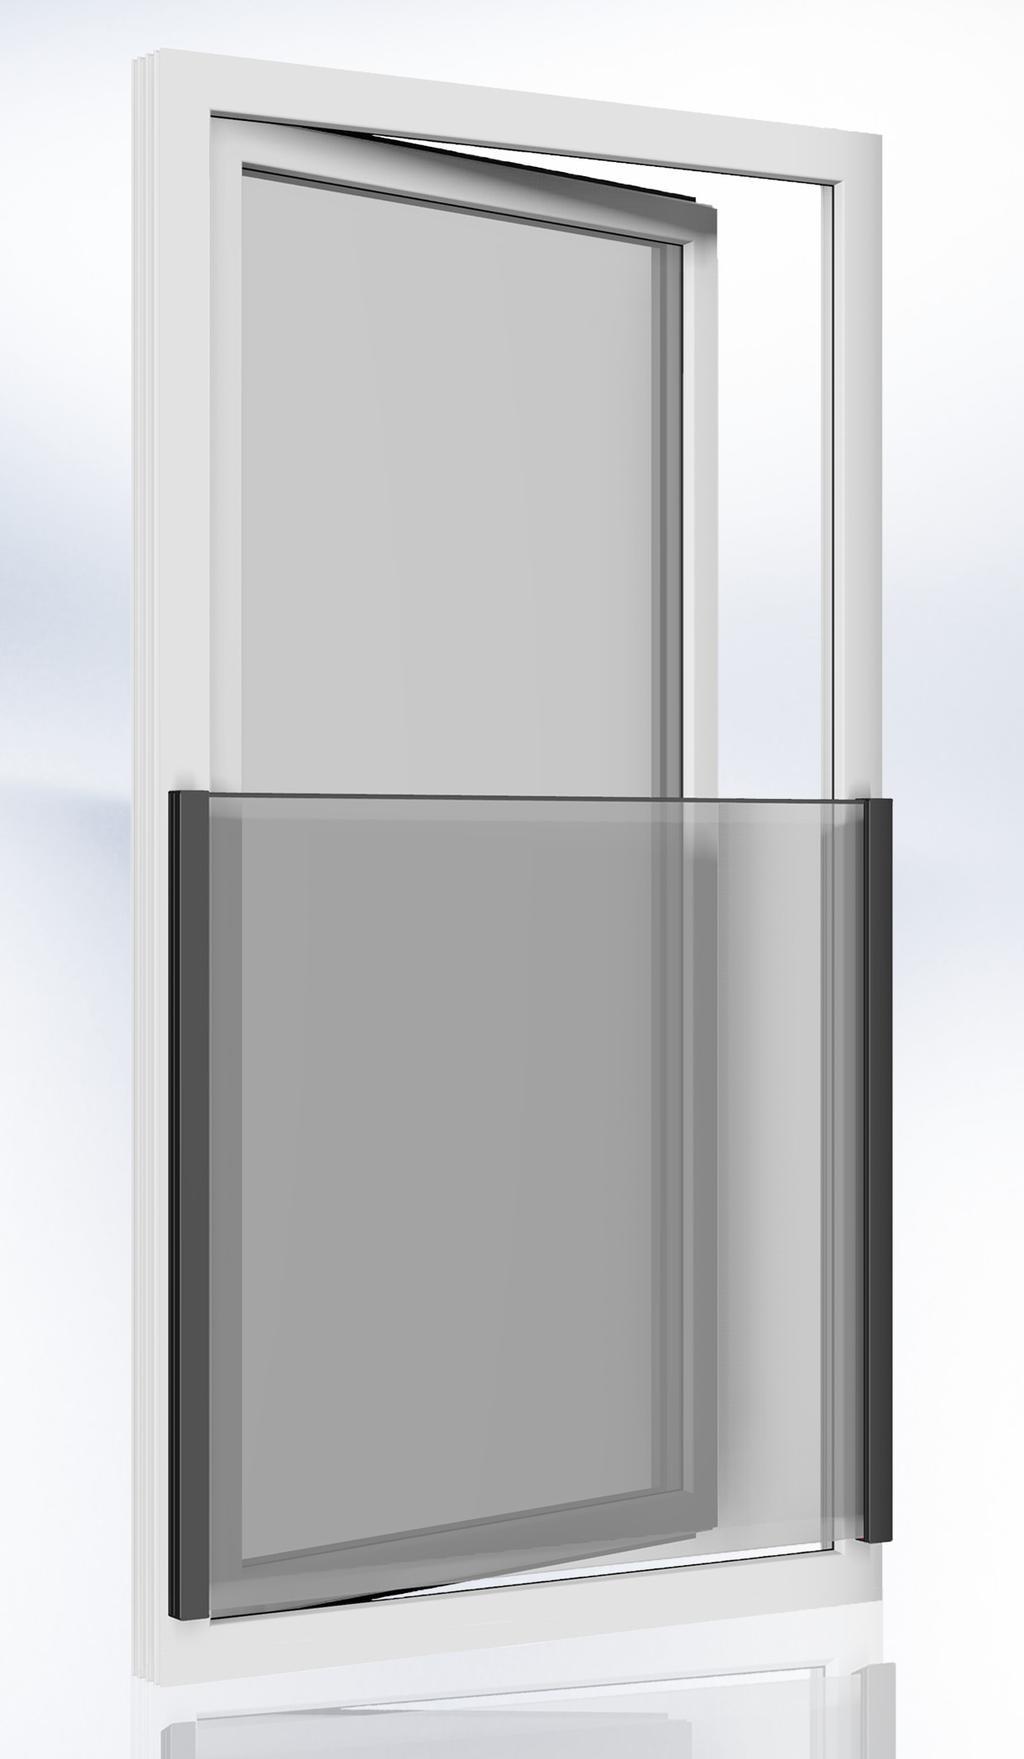 Full Size of Absturzsicherung Fenster Absturzsicherungen Fr Und Tren Das Sichtschutzfolie Einseitig Durchsichtig Mit Rolladenkasten Online Konfigurieren Sichtschutz Fenster Absturzsicherung Fenster